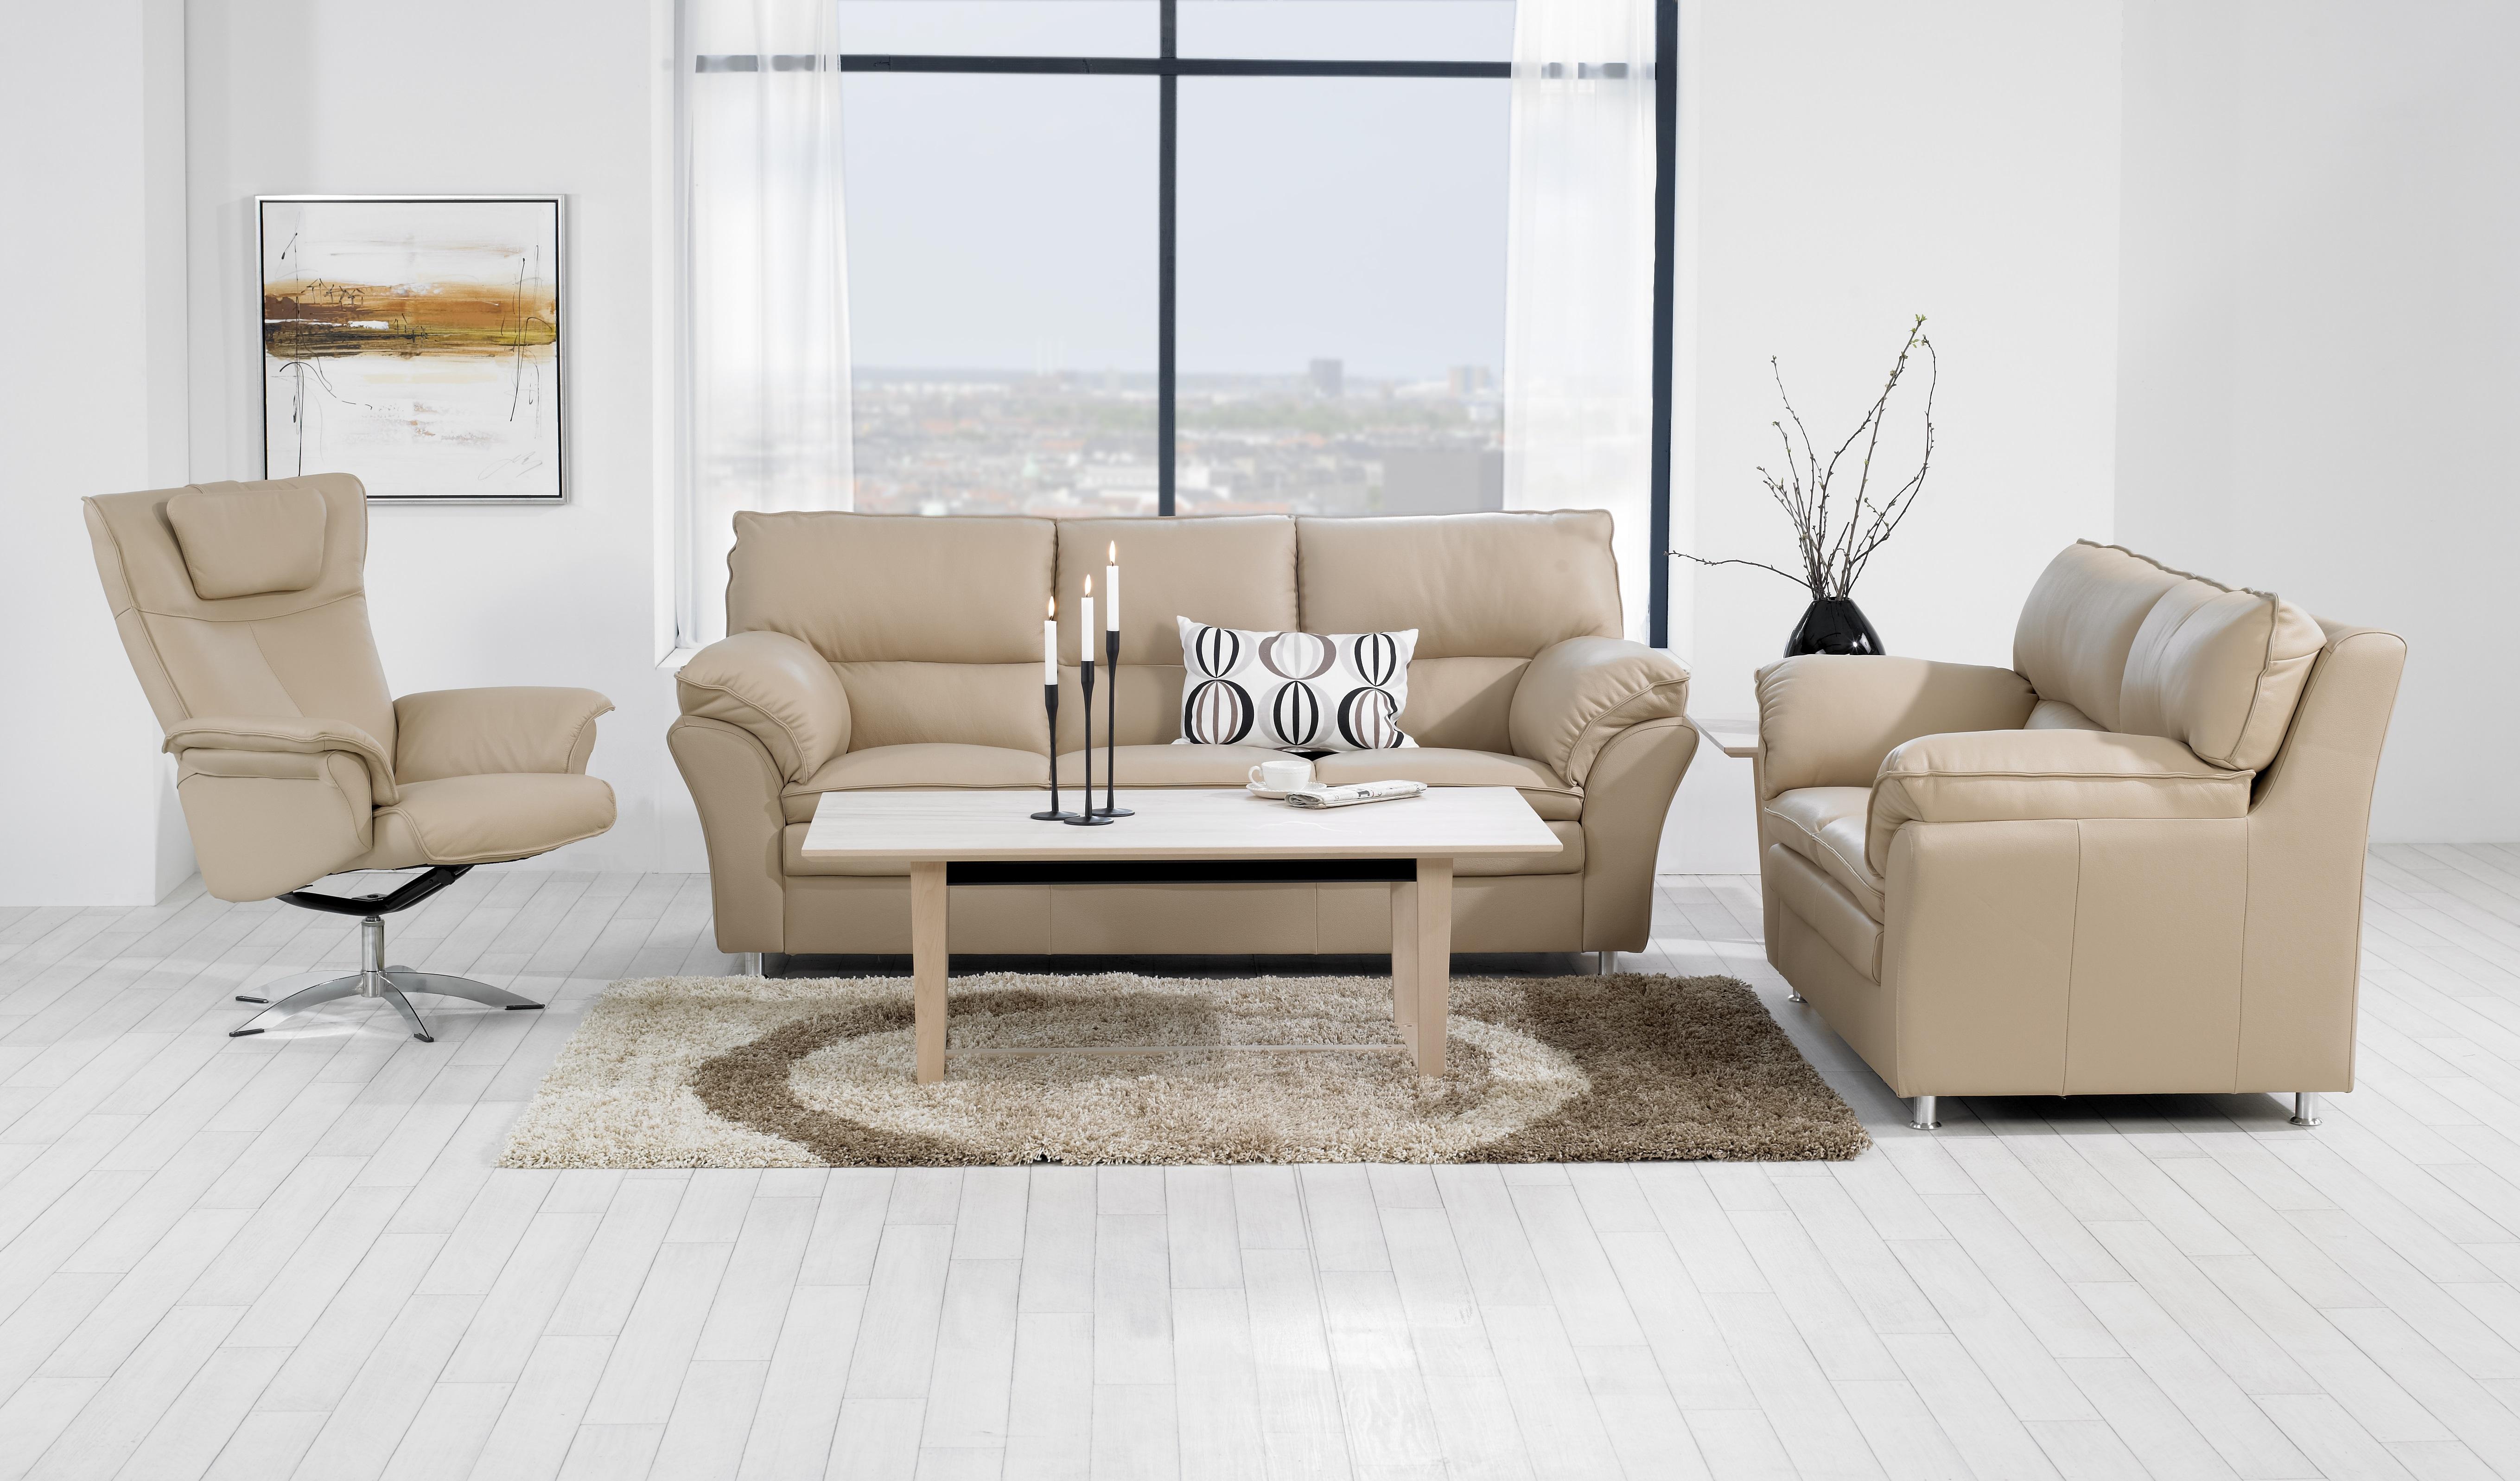 danbo møbler Palma 3+2 sofasæt   Danbo Møbler danbo møbler